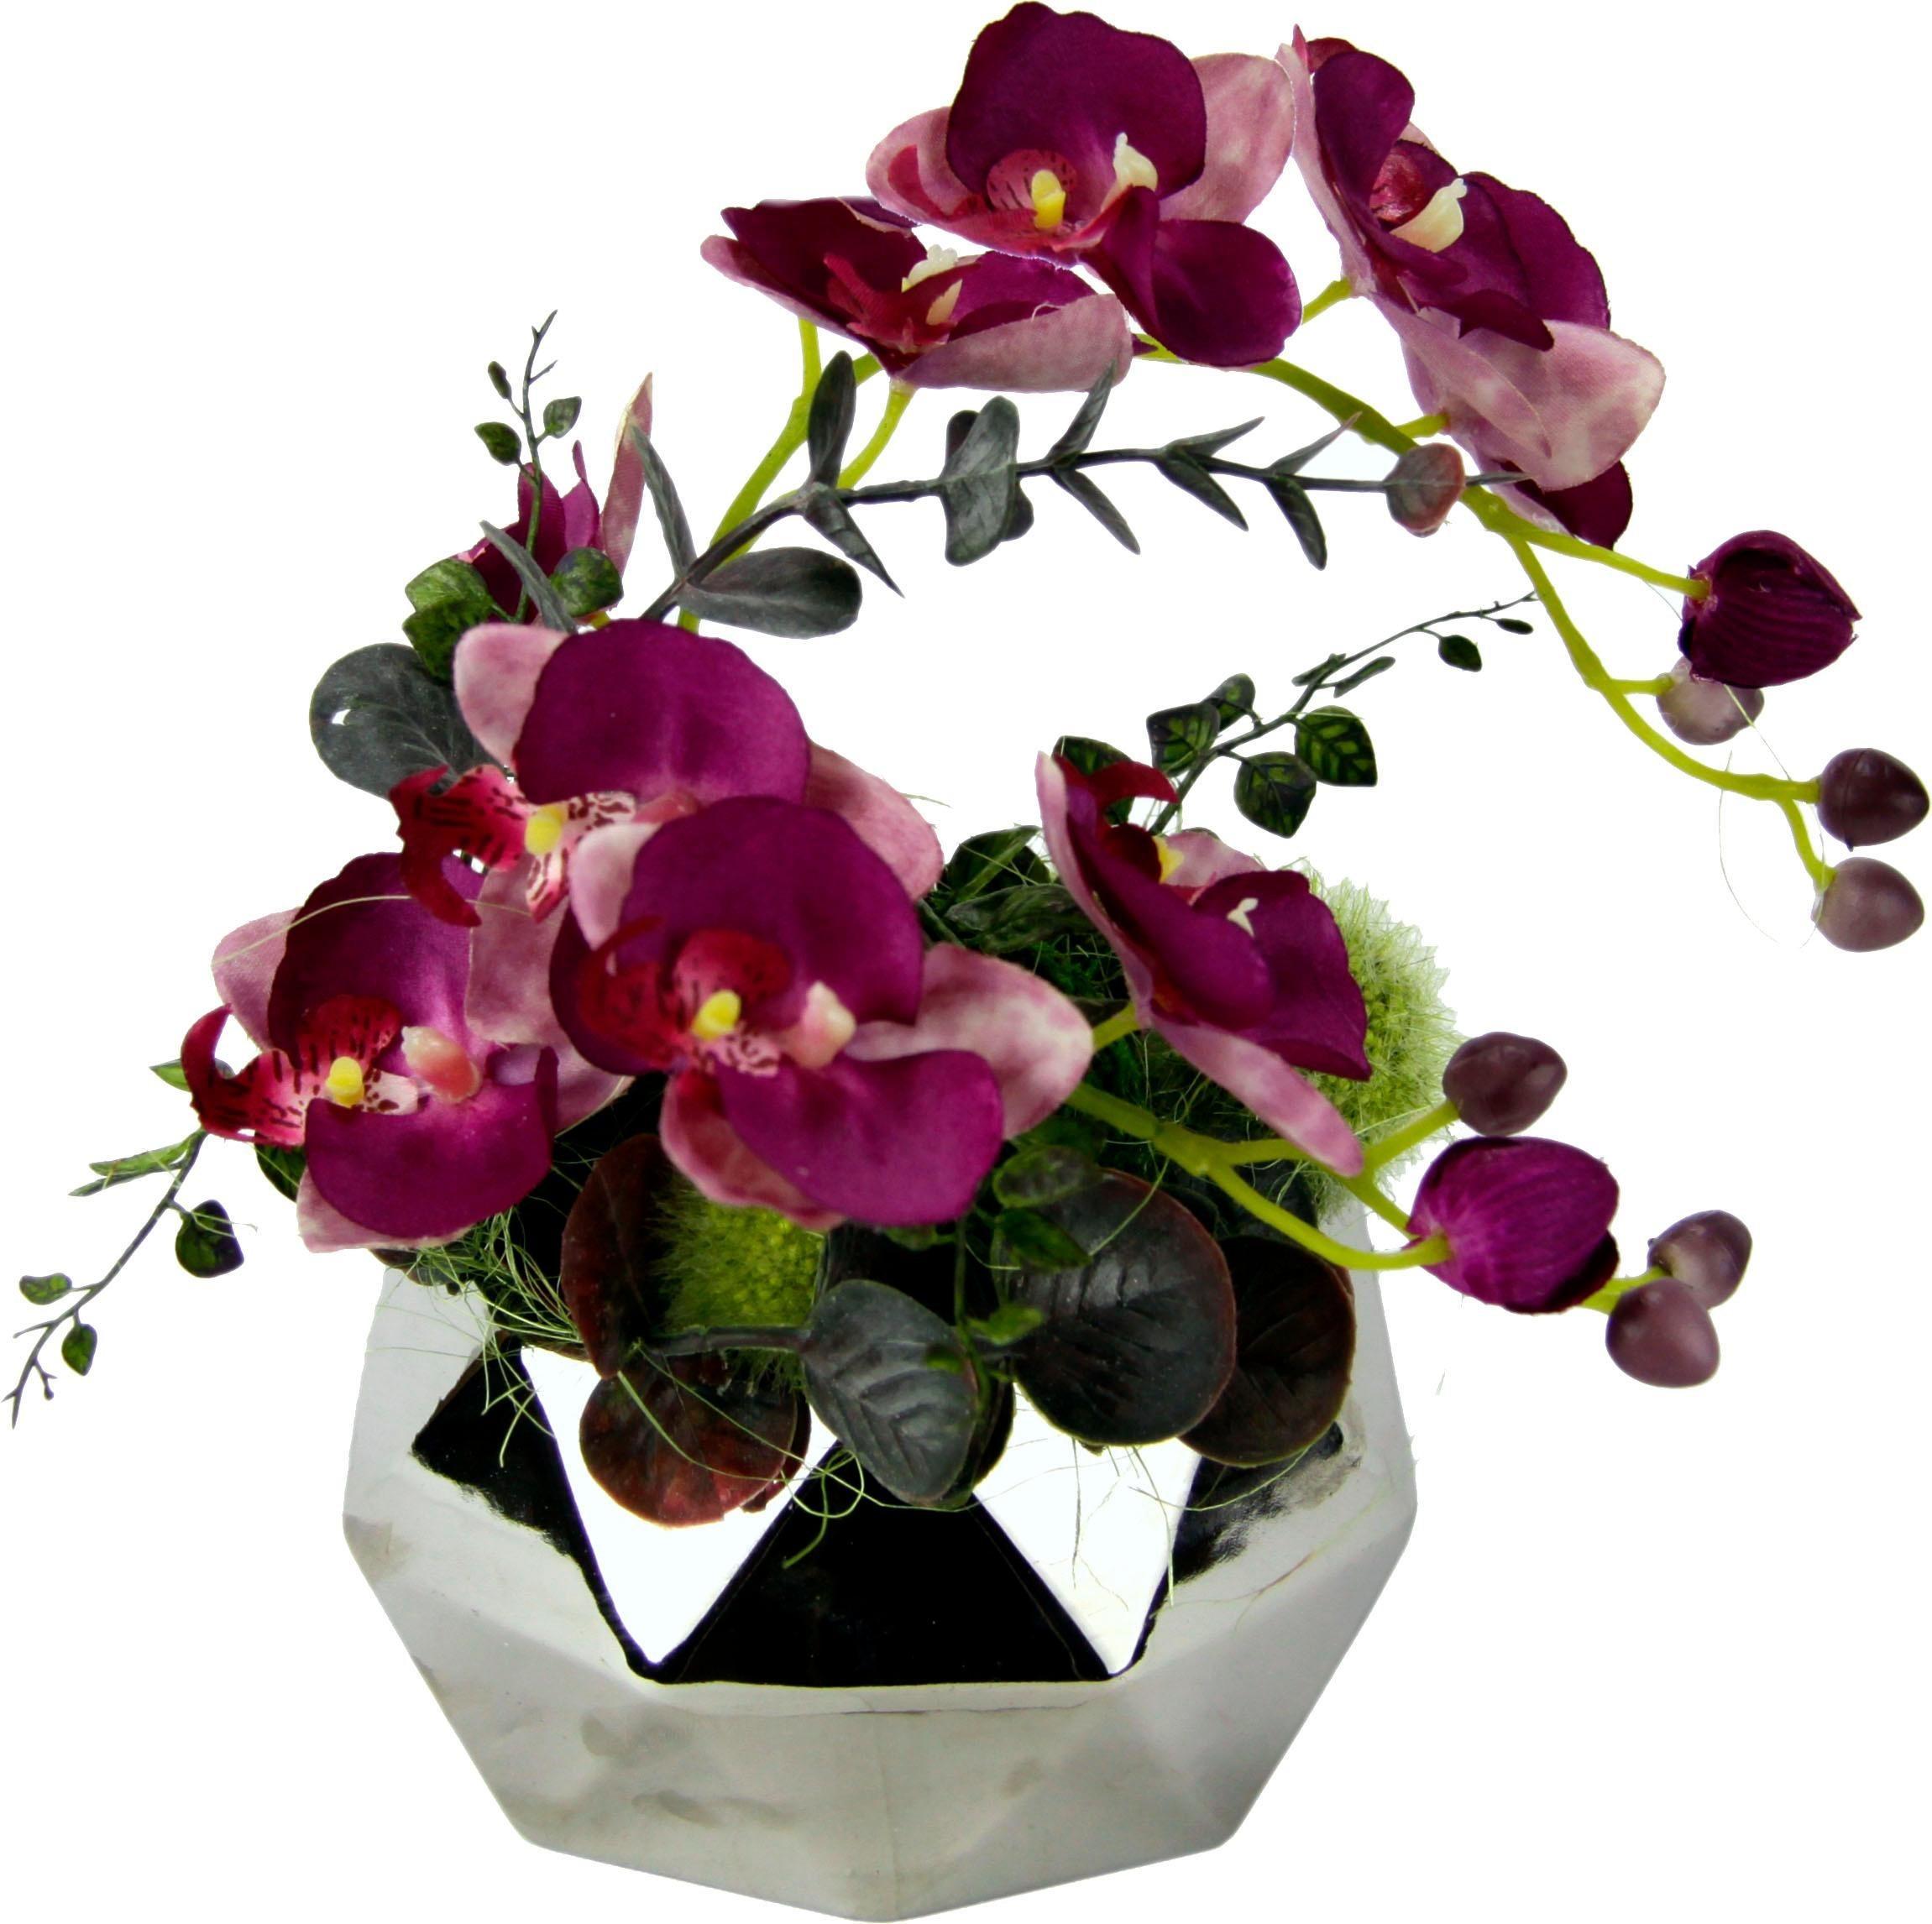 topf orchidee preisvergleich die besten angebote online kaufen. Black Bedroom Furniture Sets. Home Design Ideas